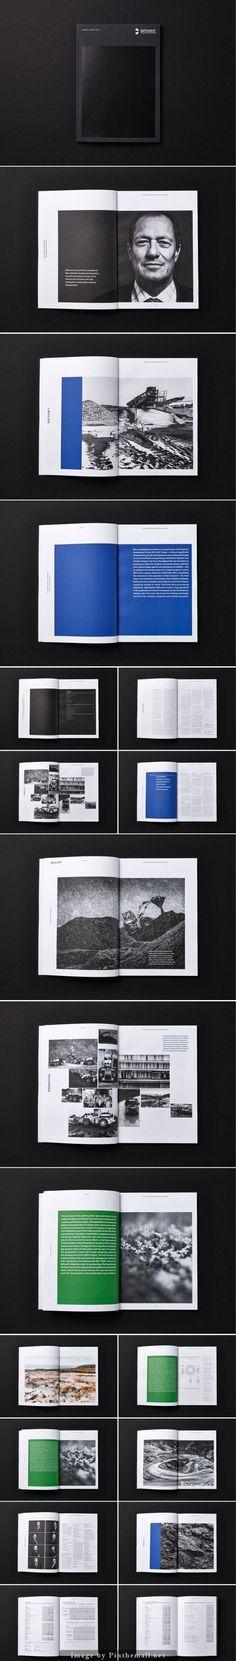 Magazine   #editorial #magazine #layout